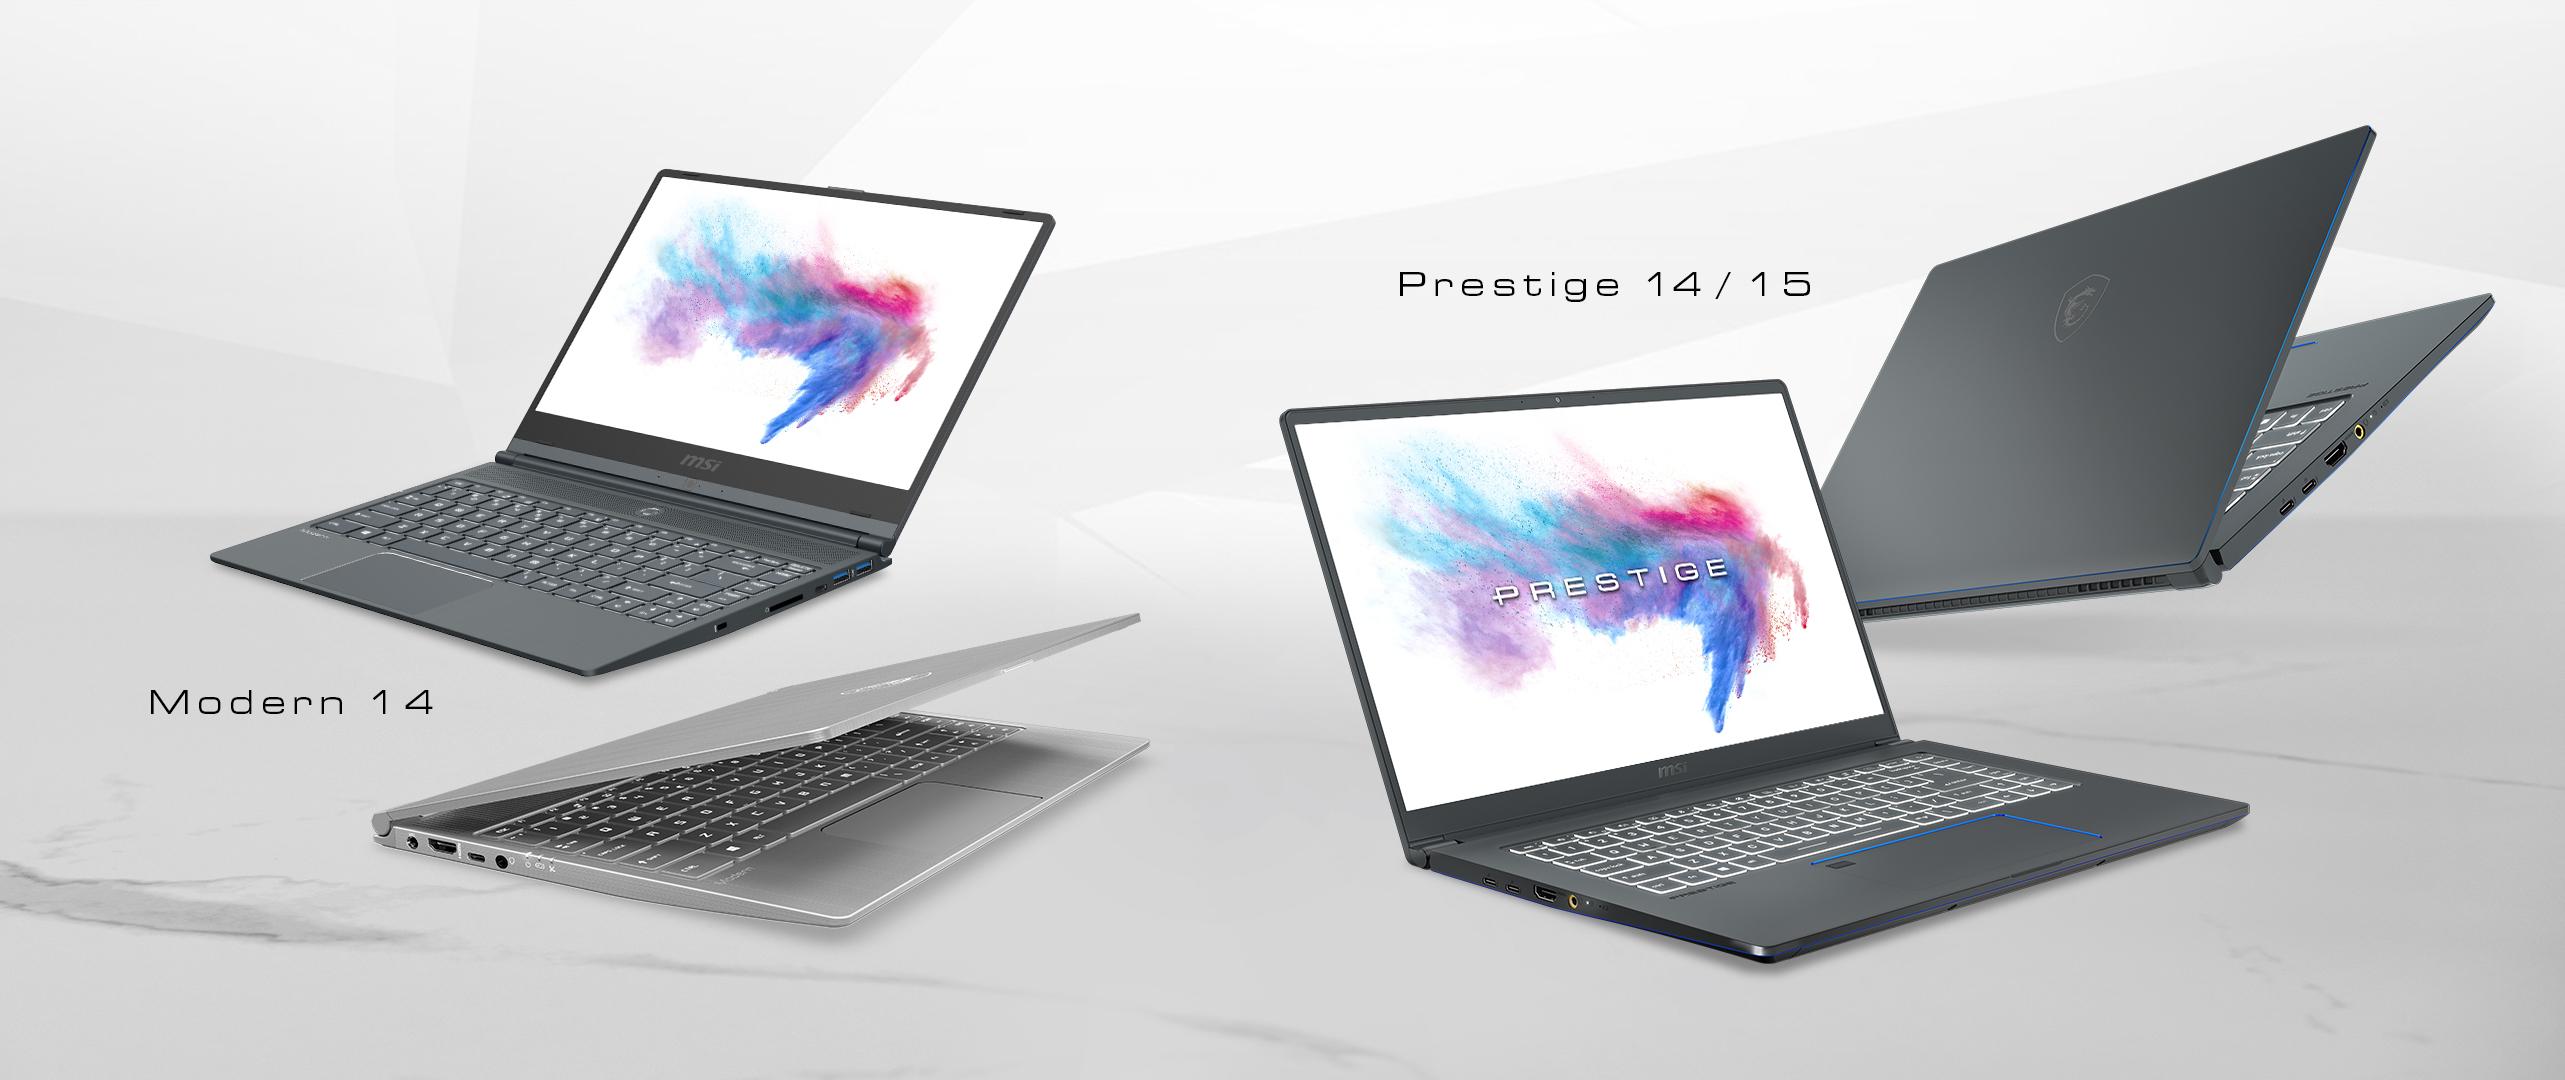 MSI cible les créatifs avec 3 nouveaux PC portables équipés des dernières puces Intel